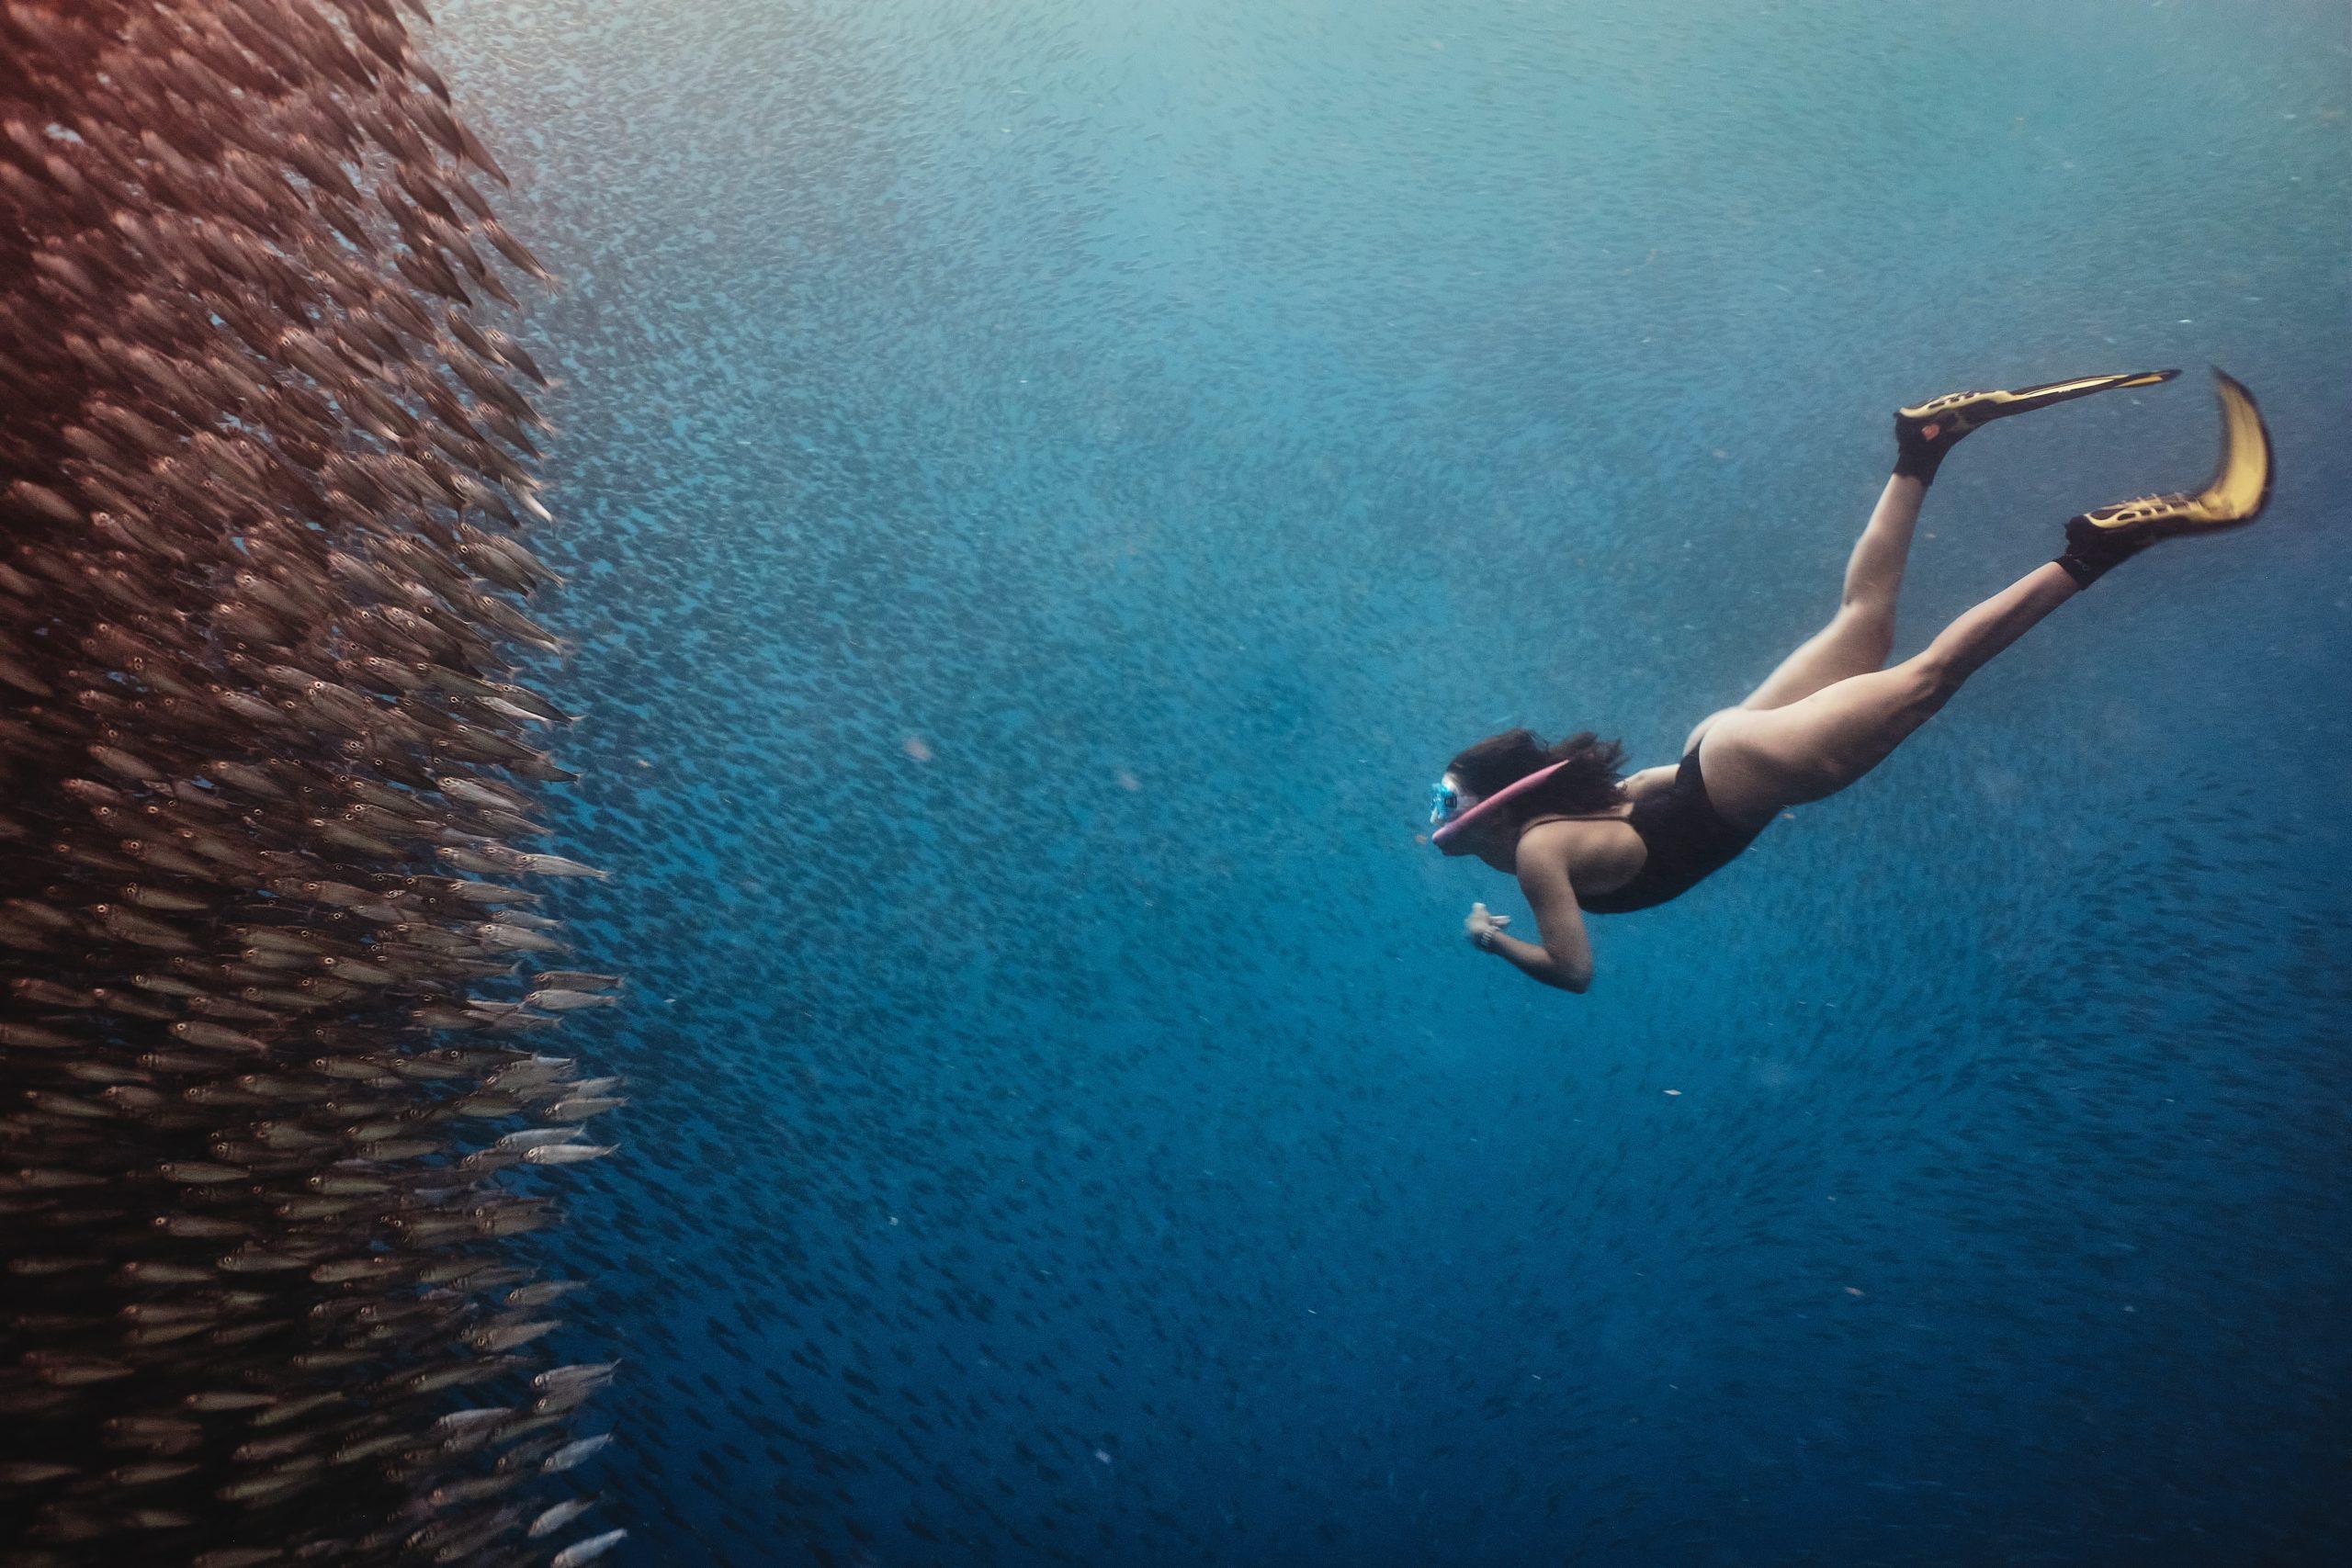 Apnoetaucherin im Fischschwarm